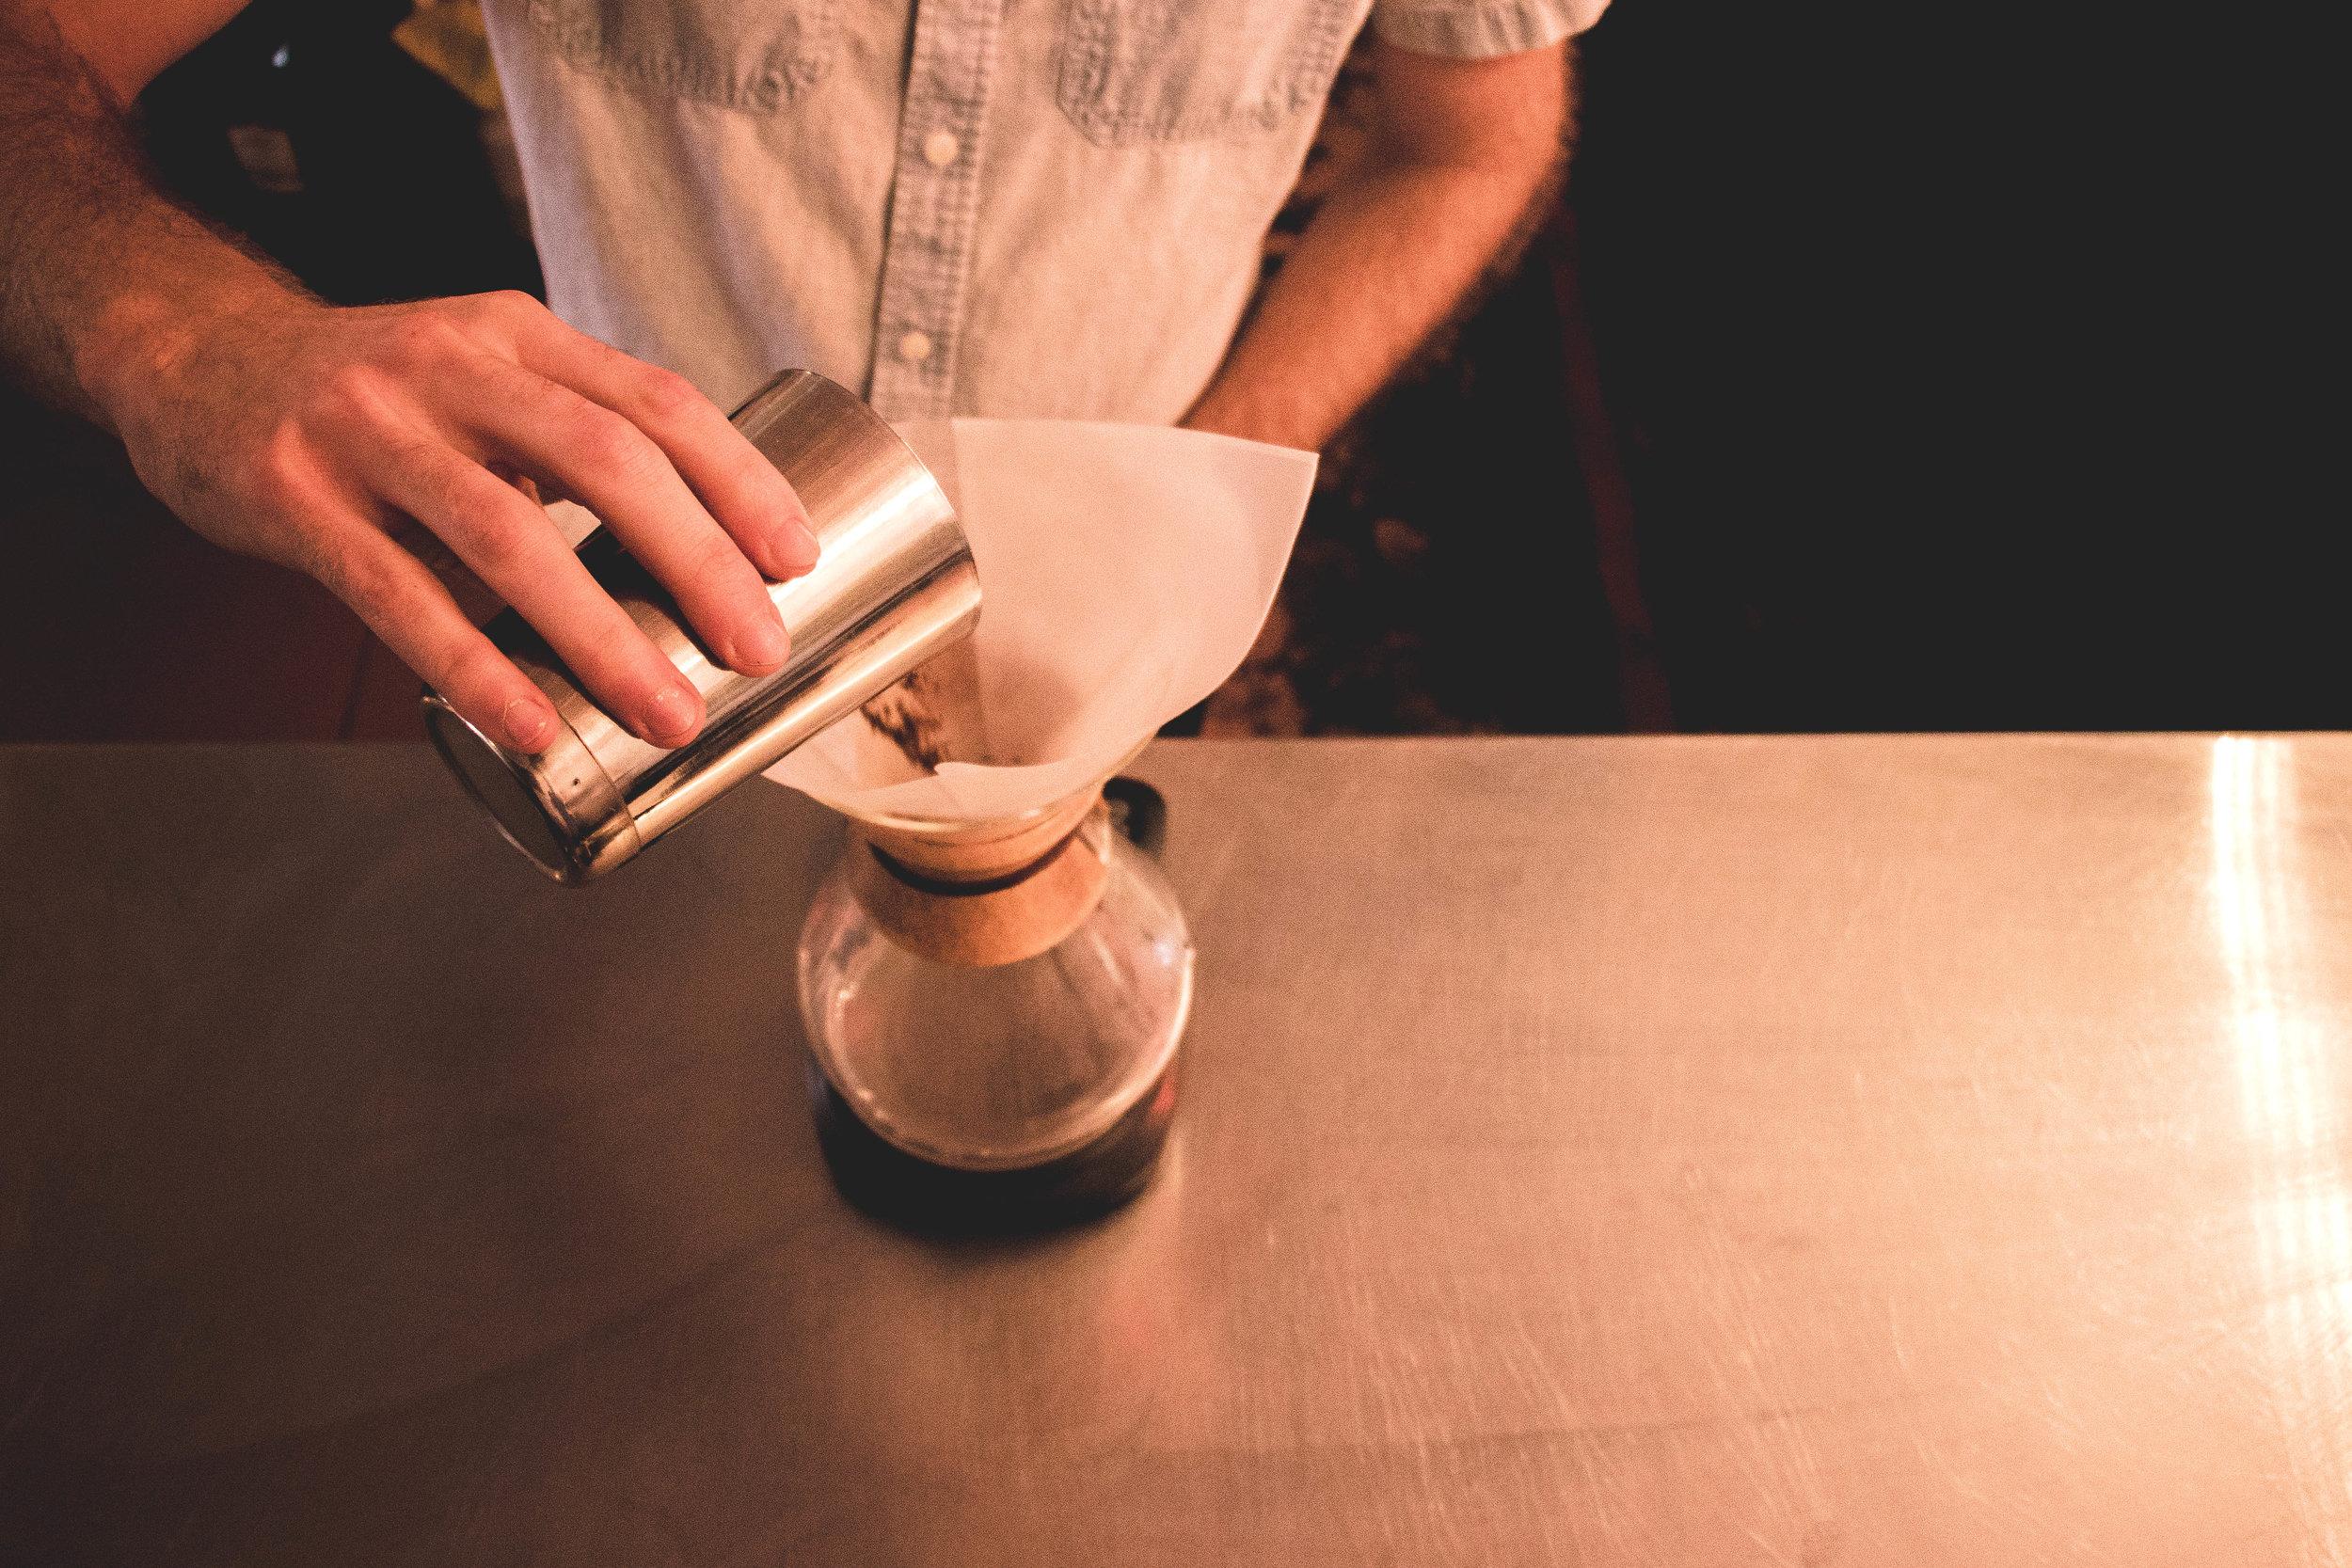 Sugar Brown_s Coffee - 2019 - 04 of 23.jpg